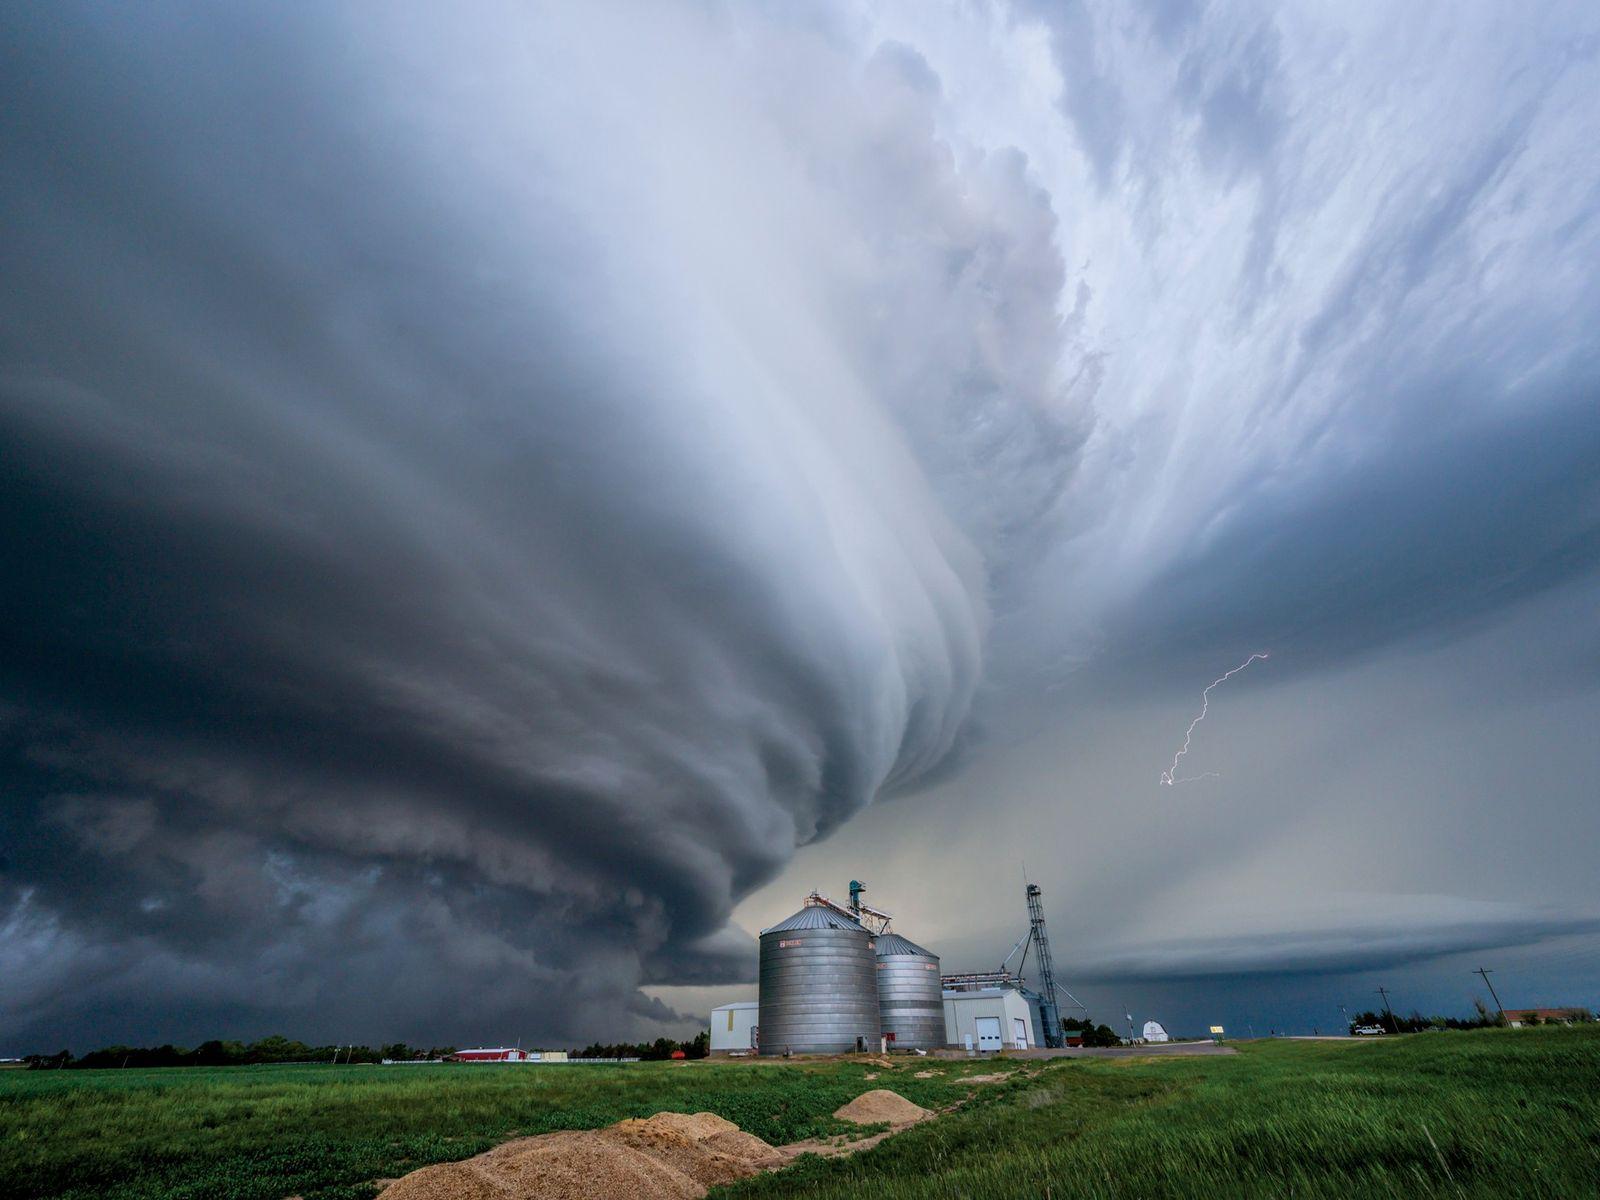 Sturmjäger verfolgen ein Gewitter oft stundenlang.